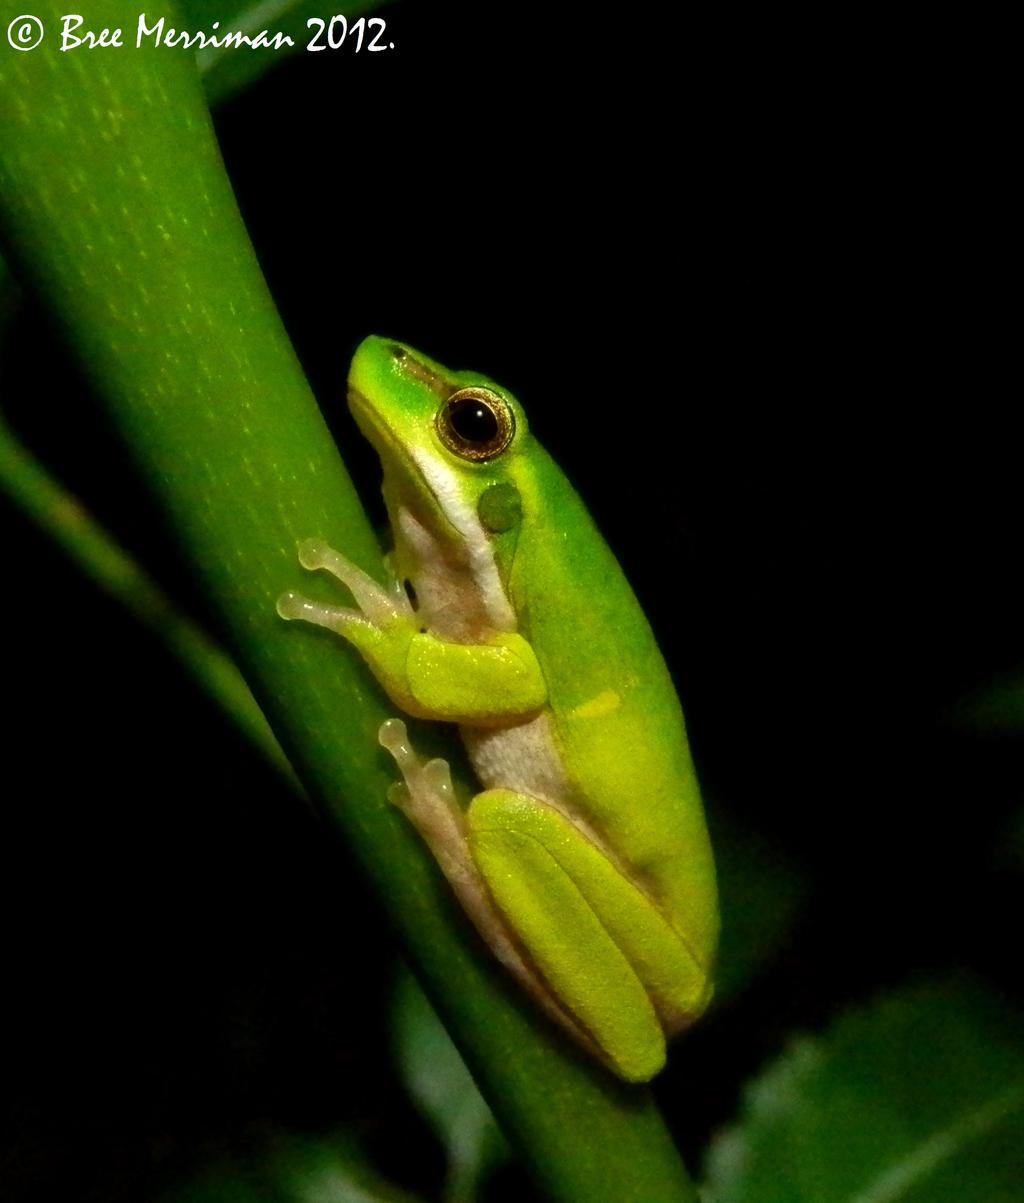 Eastern Dwarf Tree Frog II by BreeSpawn